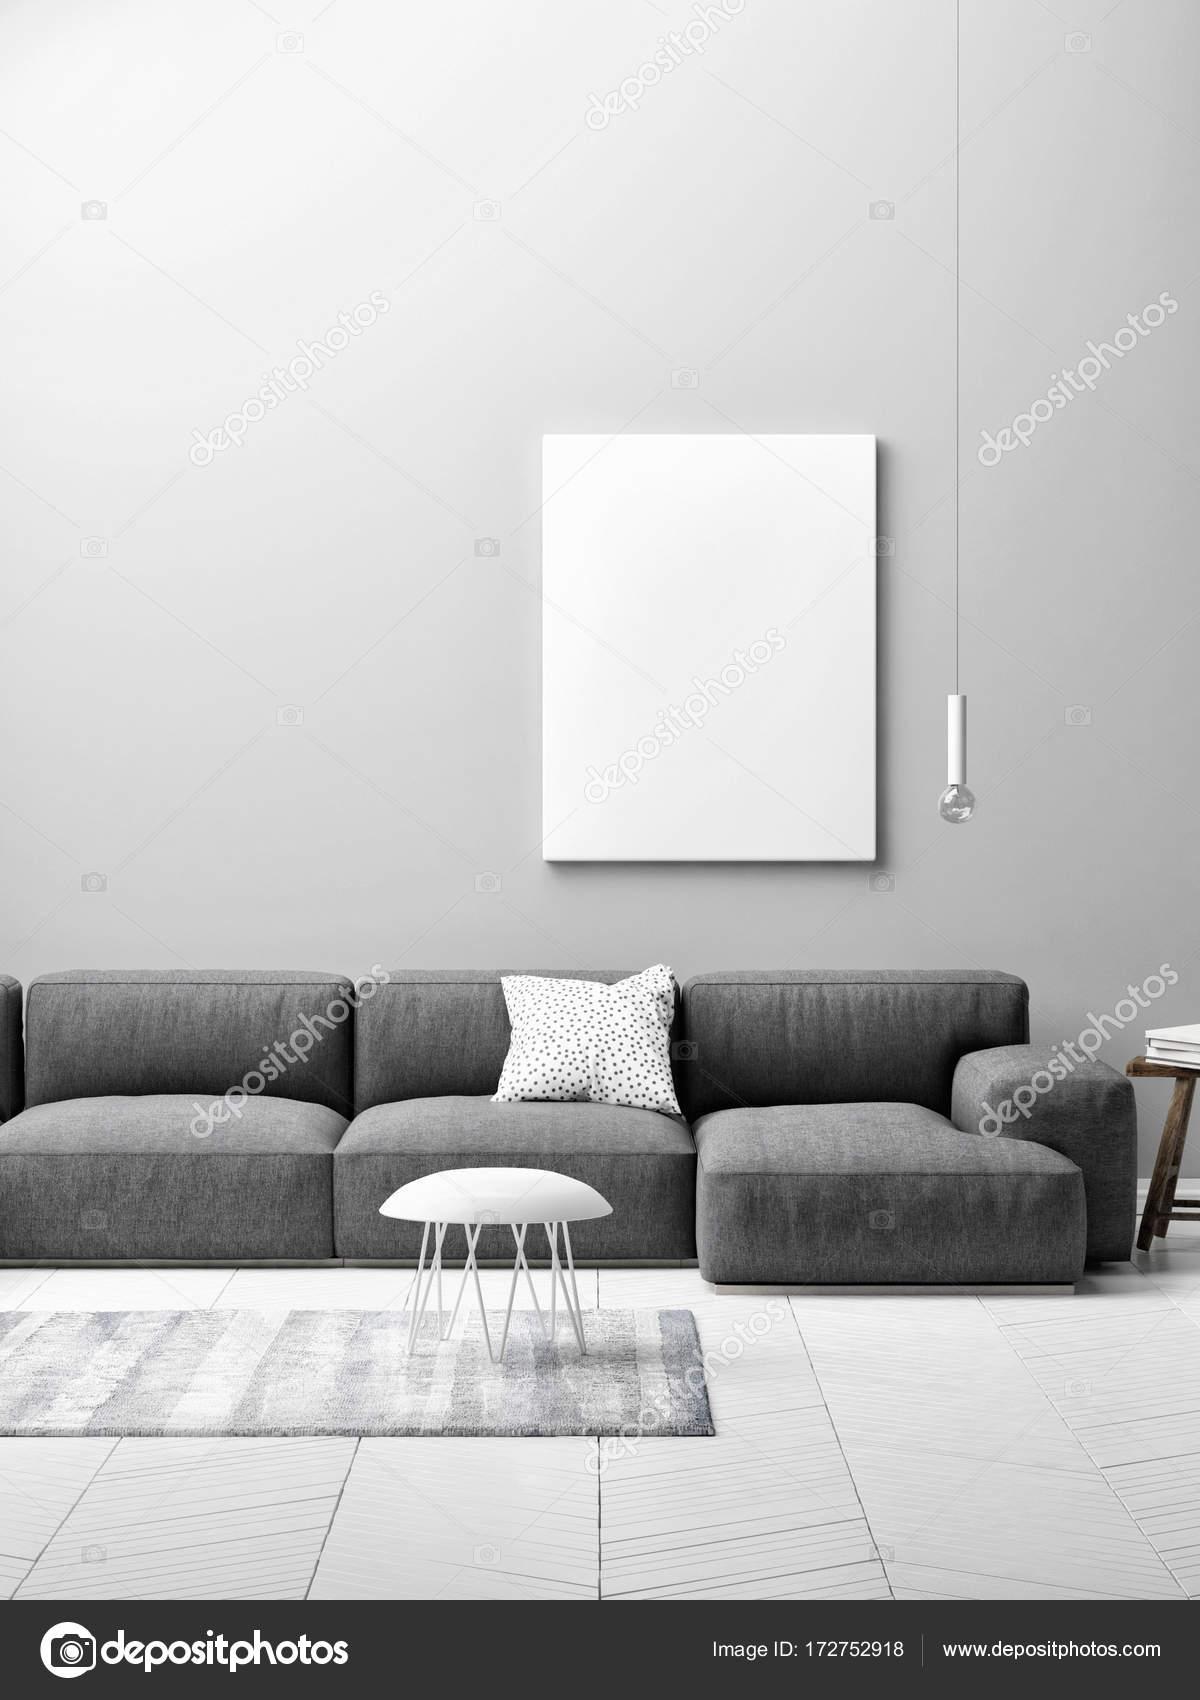 woonkamer concept met mock up poster op grijze muur — Stockfoto ...